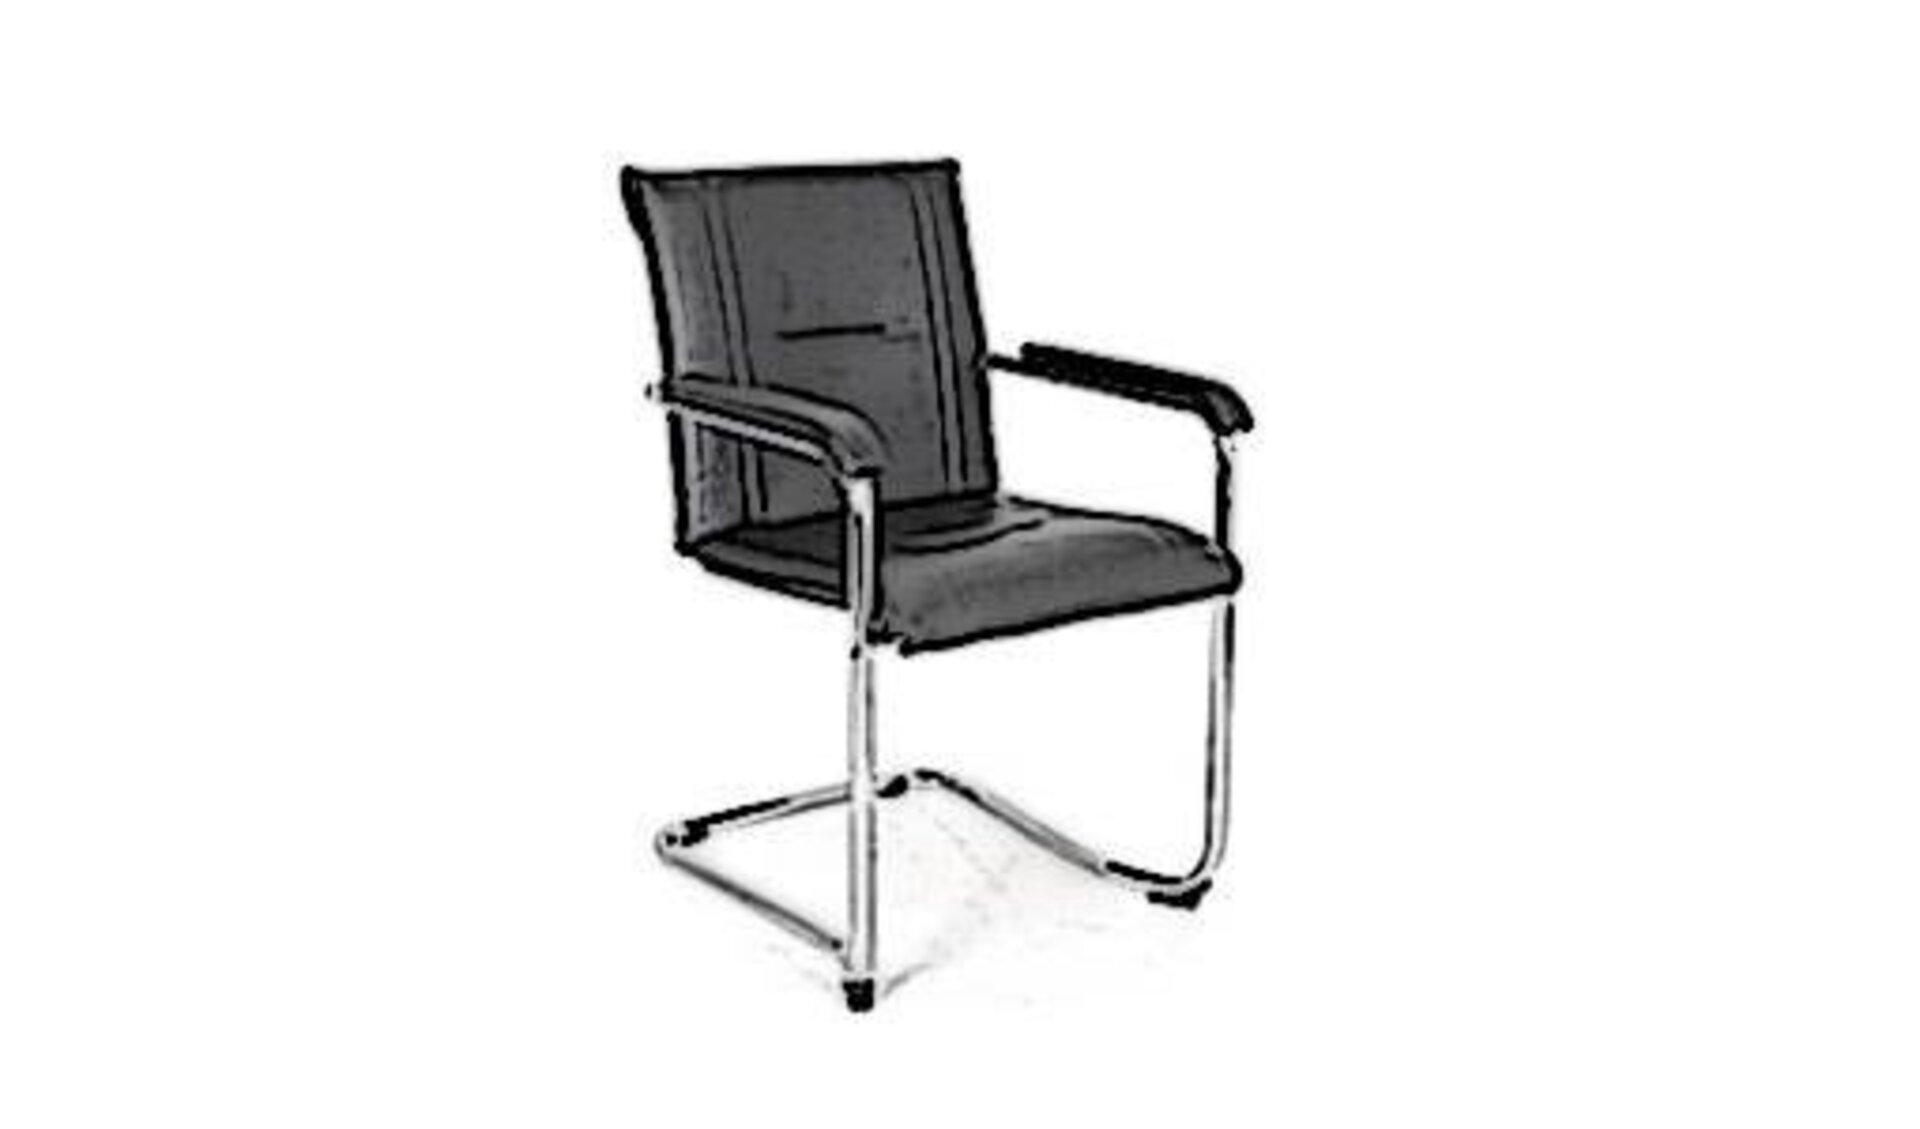 Icon für Konferenzstuhl zeigt einen freischwingenden Stuhl mit schwarzen Lederbezug und geraden Armstützen.